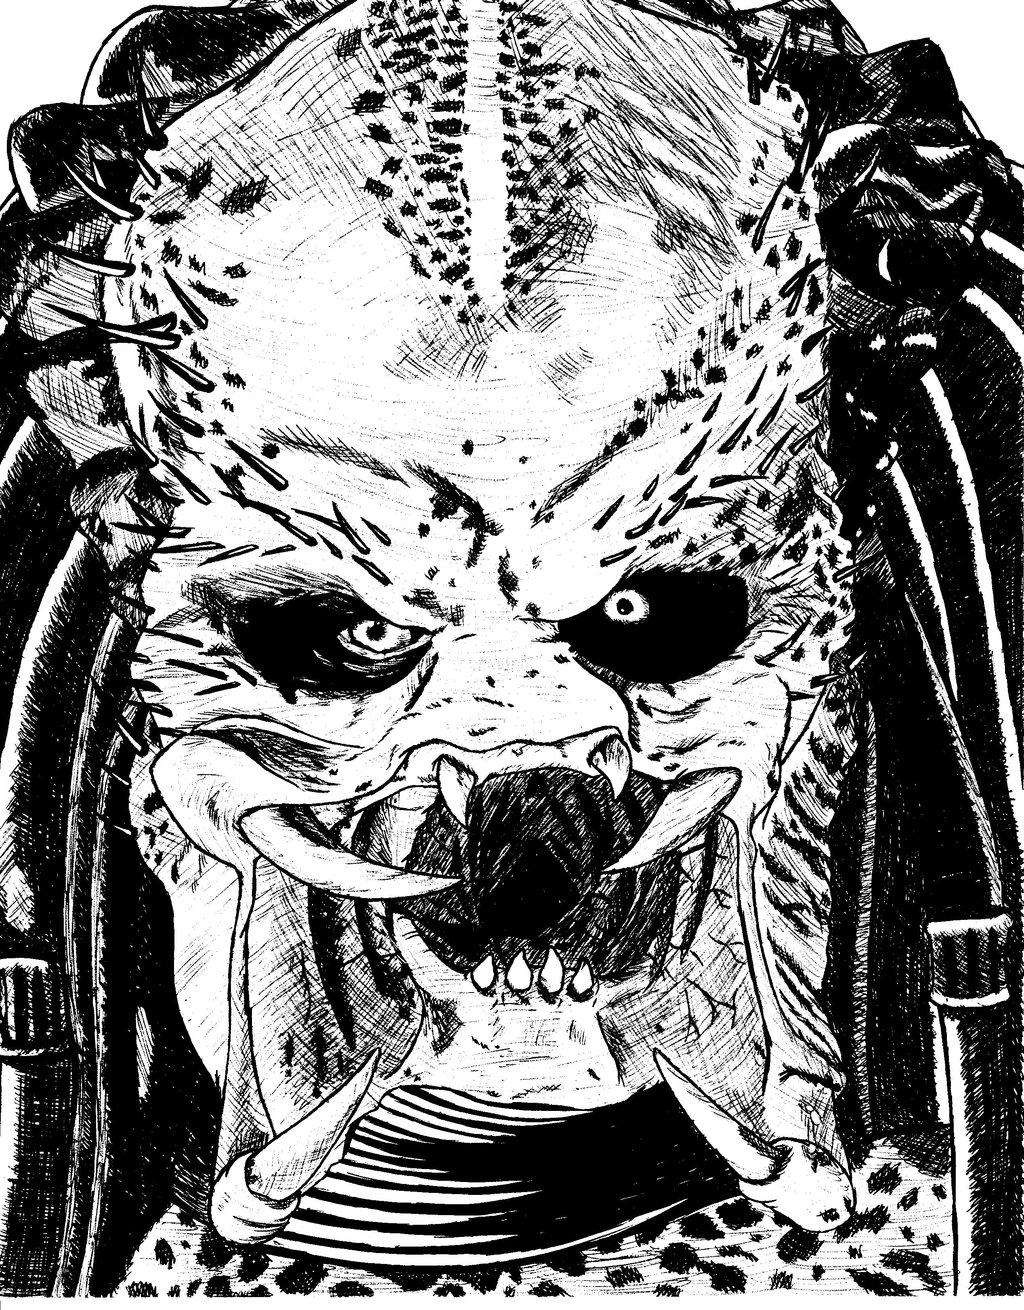 Drawn predator unmasked Unmasked DeviantArt Unmasked nightcat17 The